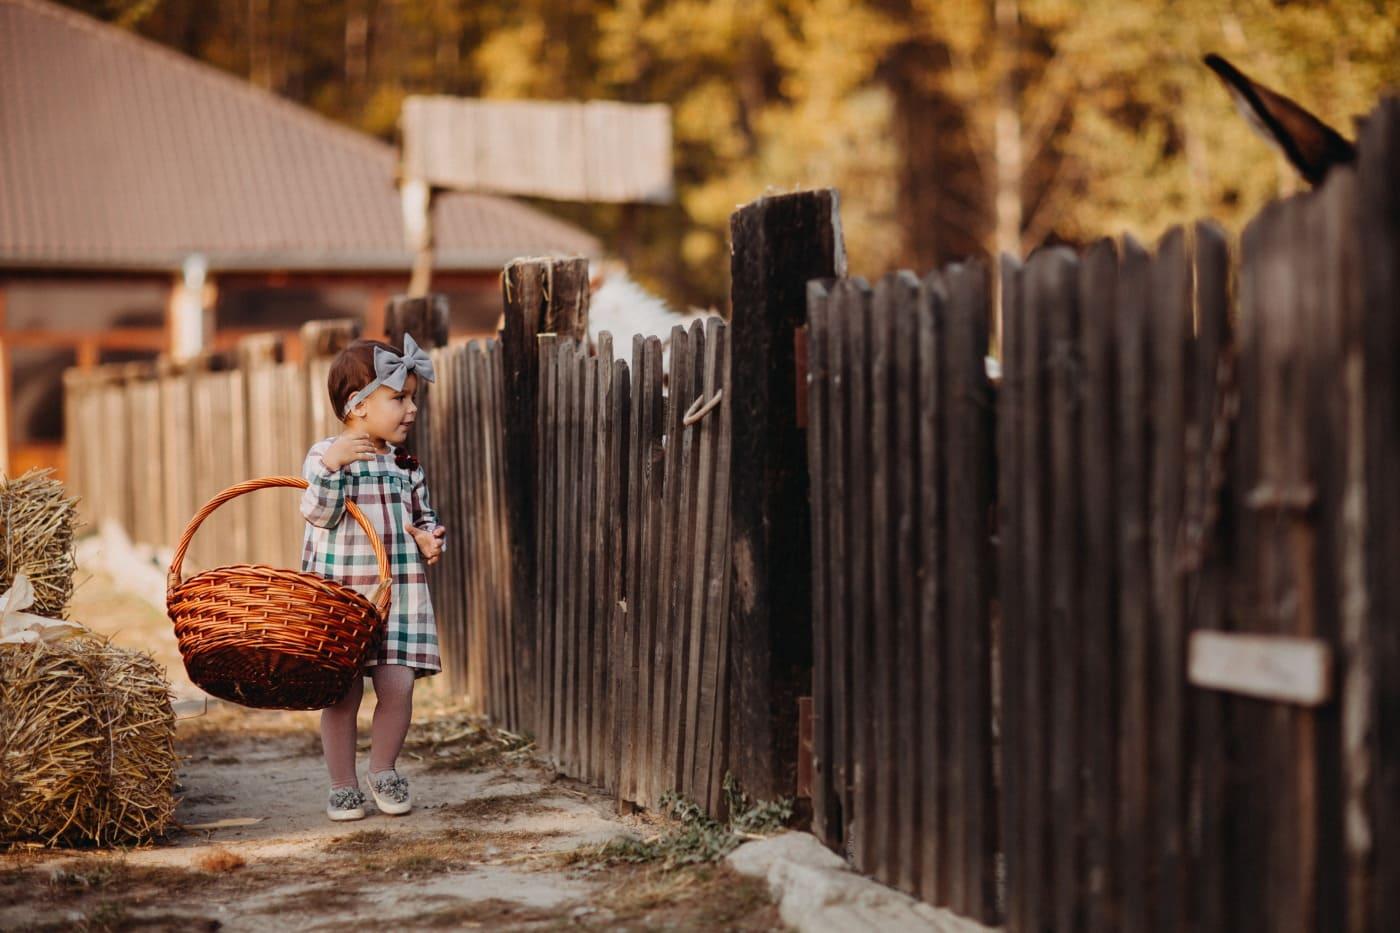 Detstvo, Village, dieťa, Hravé, nevinnosť, teší, nabiralna ograja, drevo, vonku, plot